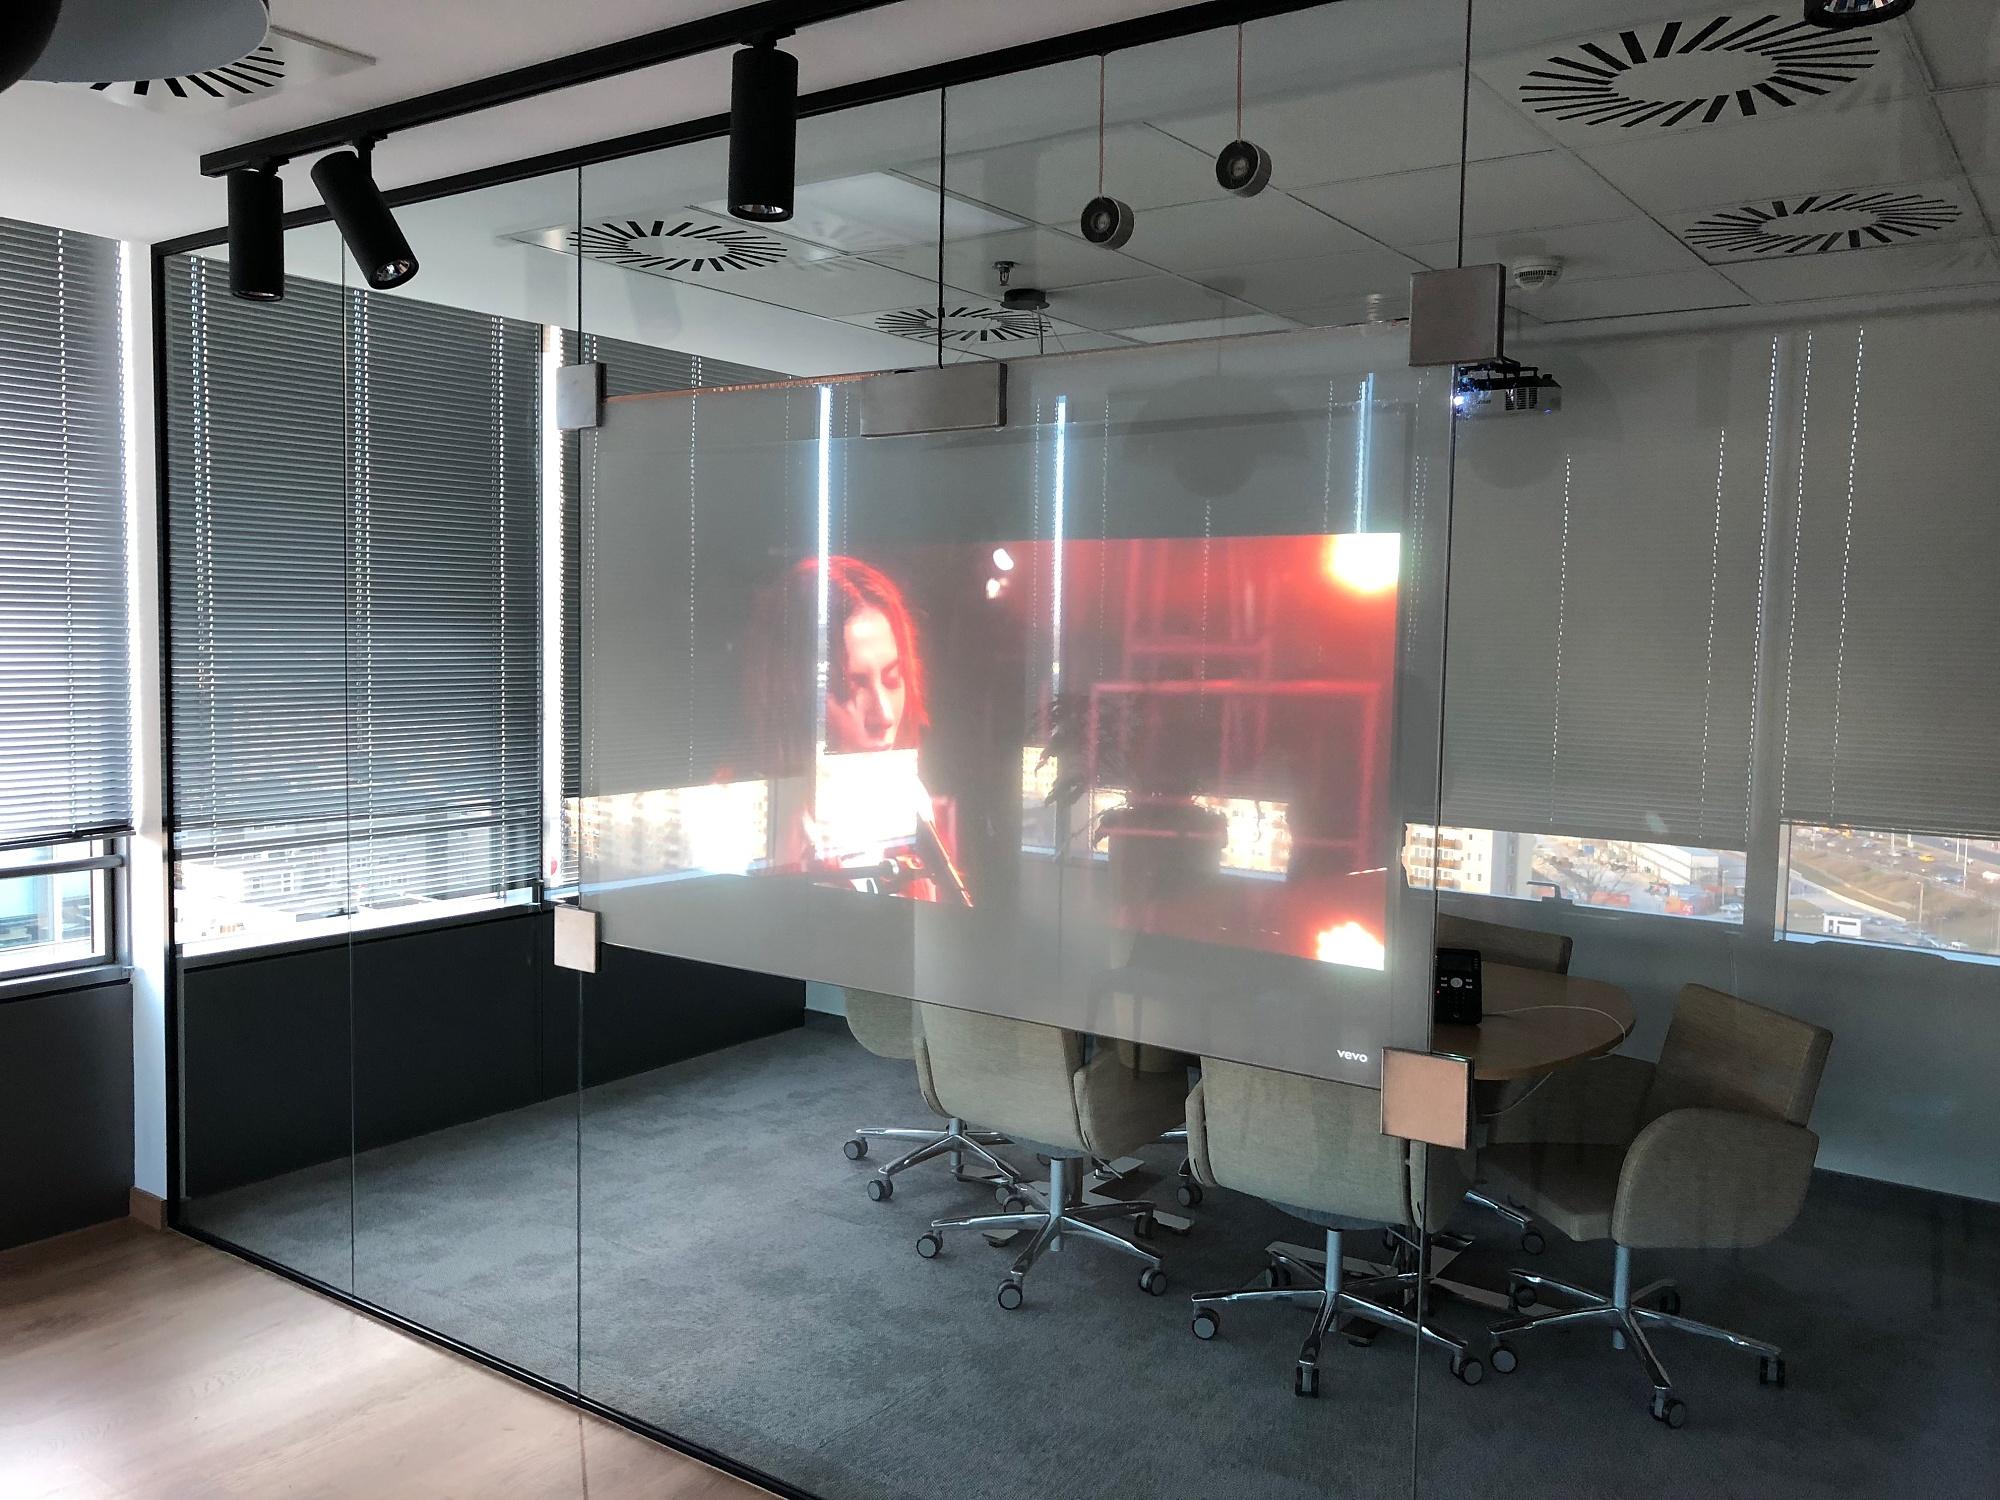 Moderní kanceláře nad Dunajem